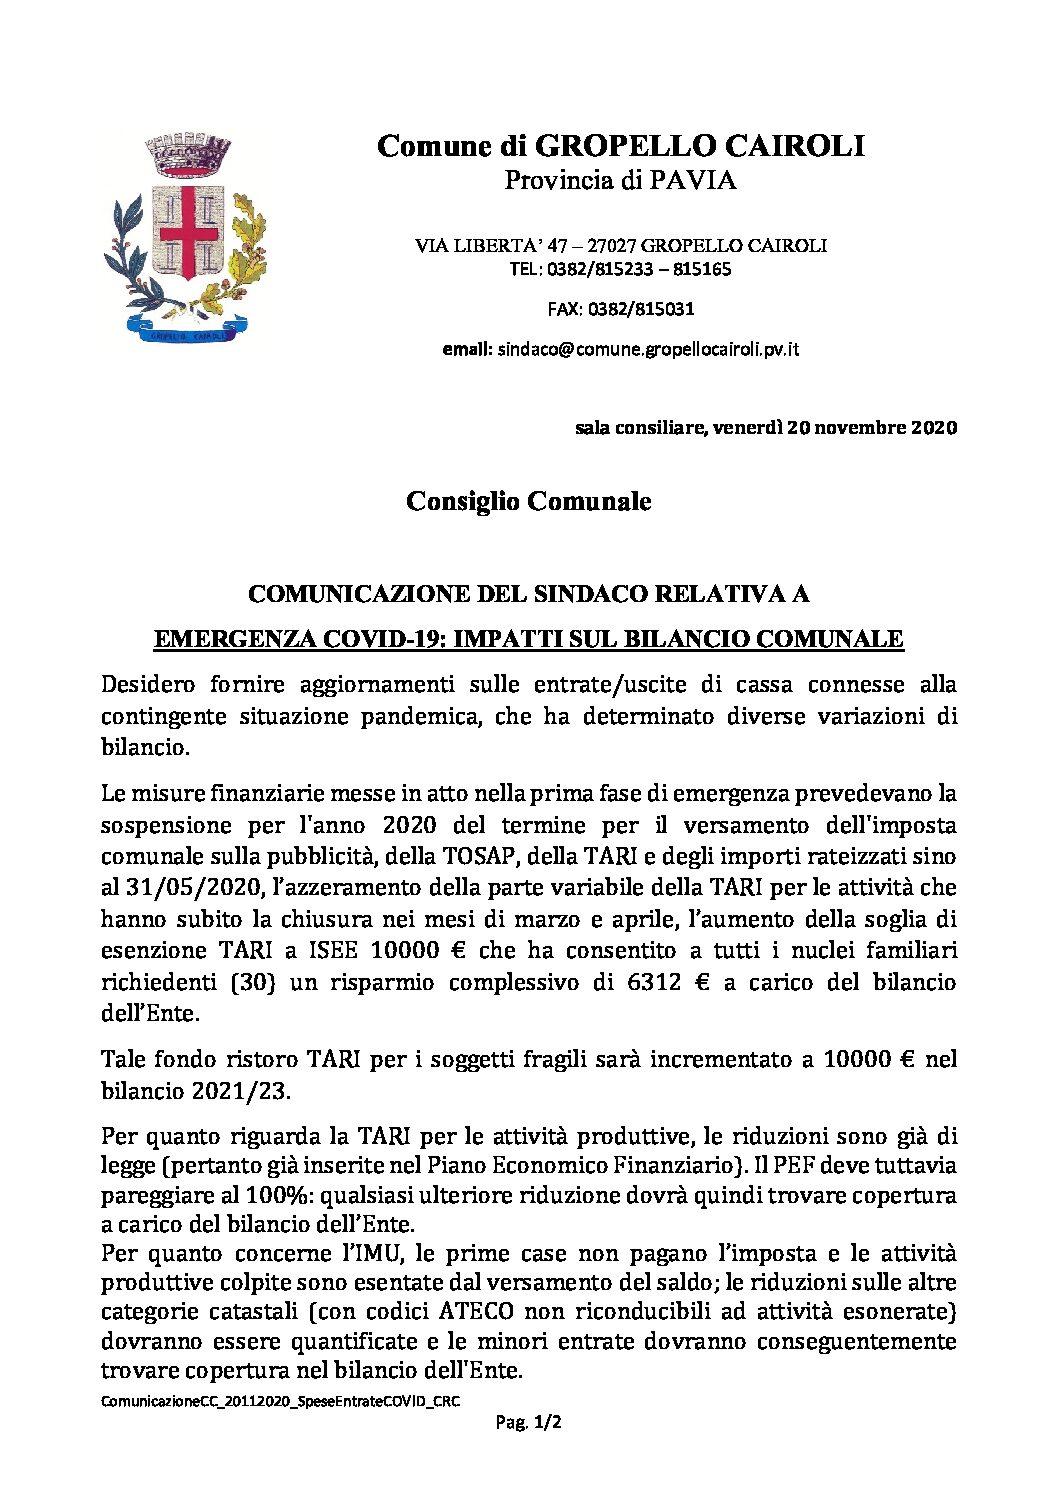 COMUNICAZIONE DEL SINDACO RELATIVA A EMERGENZA COVID-19: IMPATTI SUL BILANCIO COMUNALE